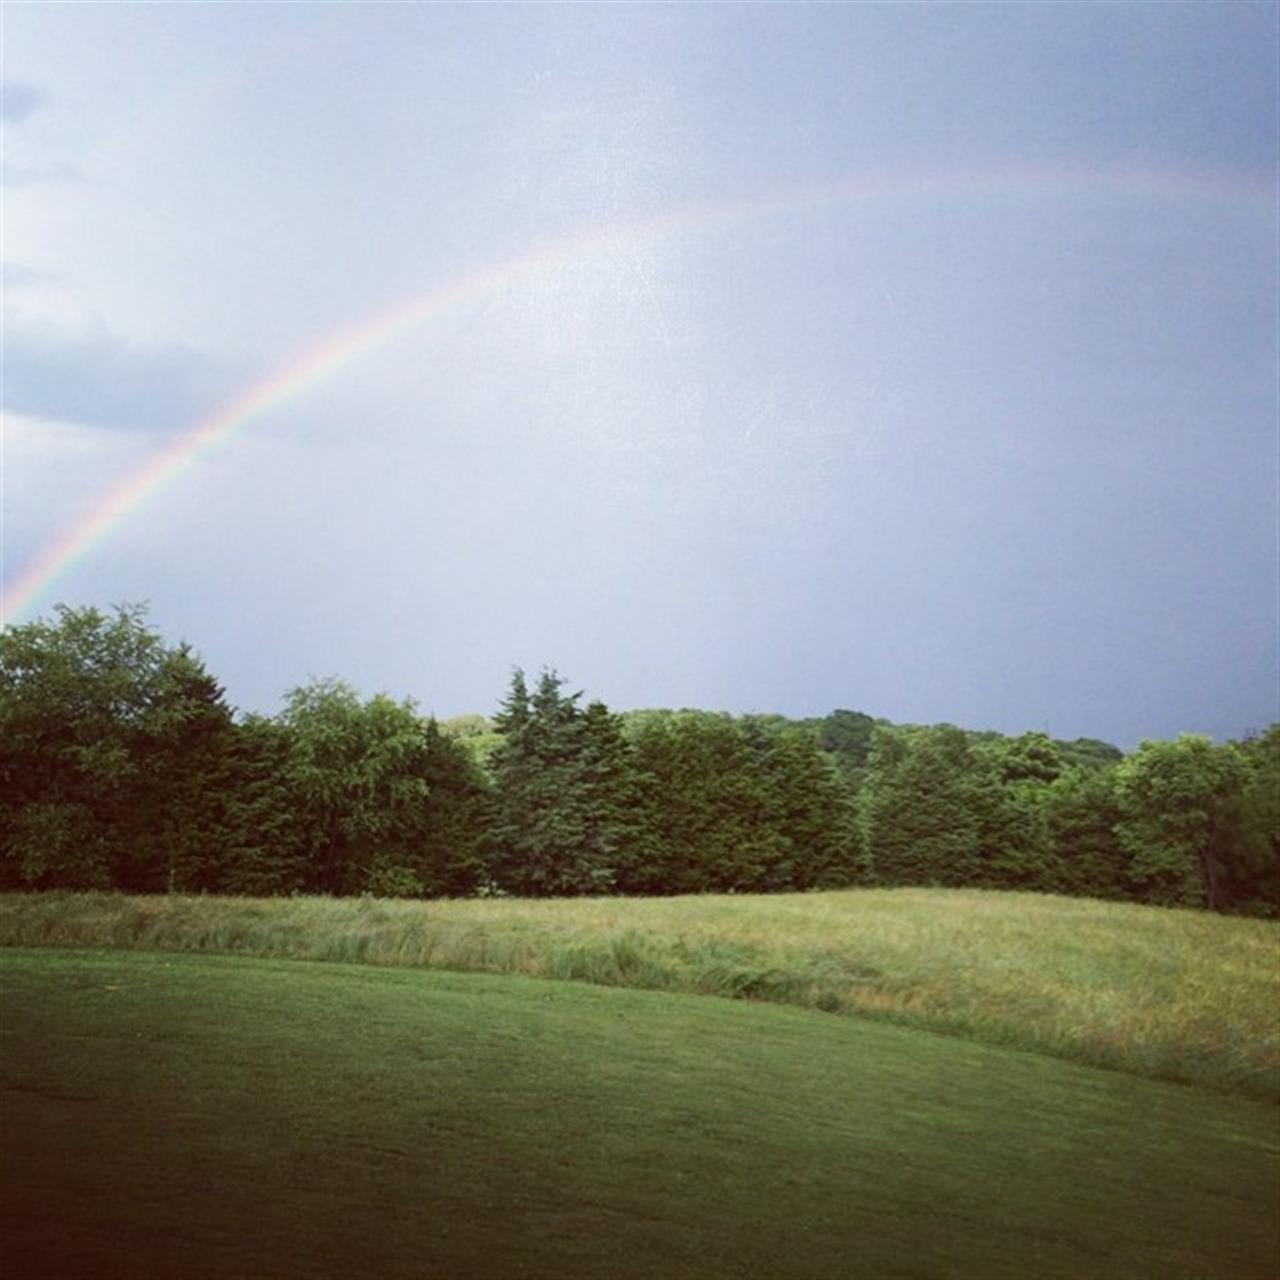 Clary/Oranda area of Strasburg, VA - rainbow